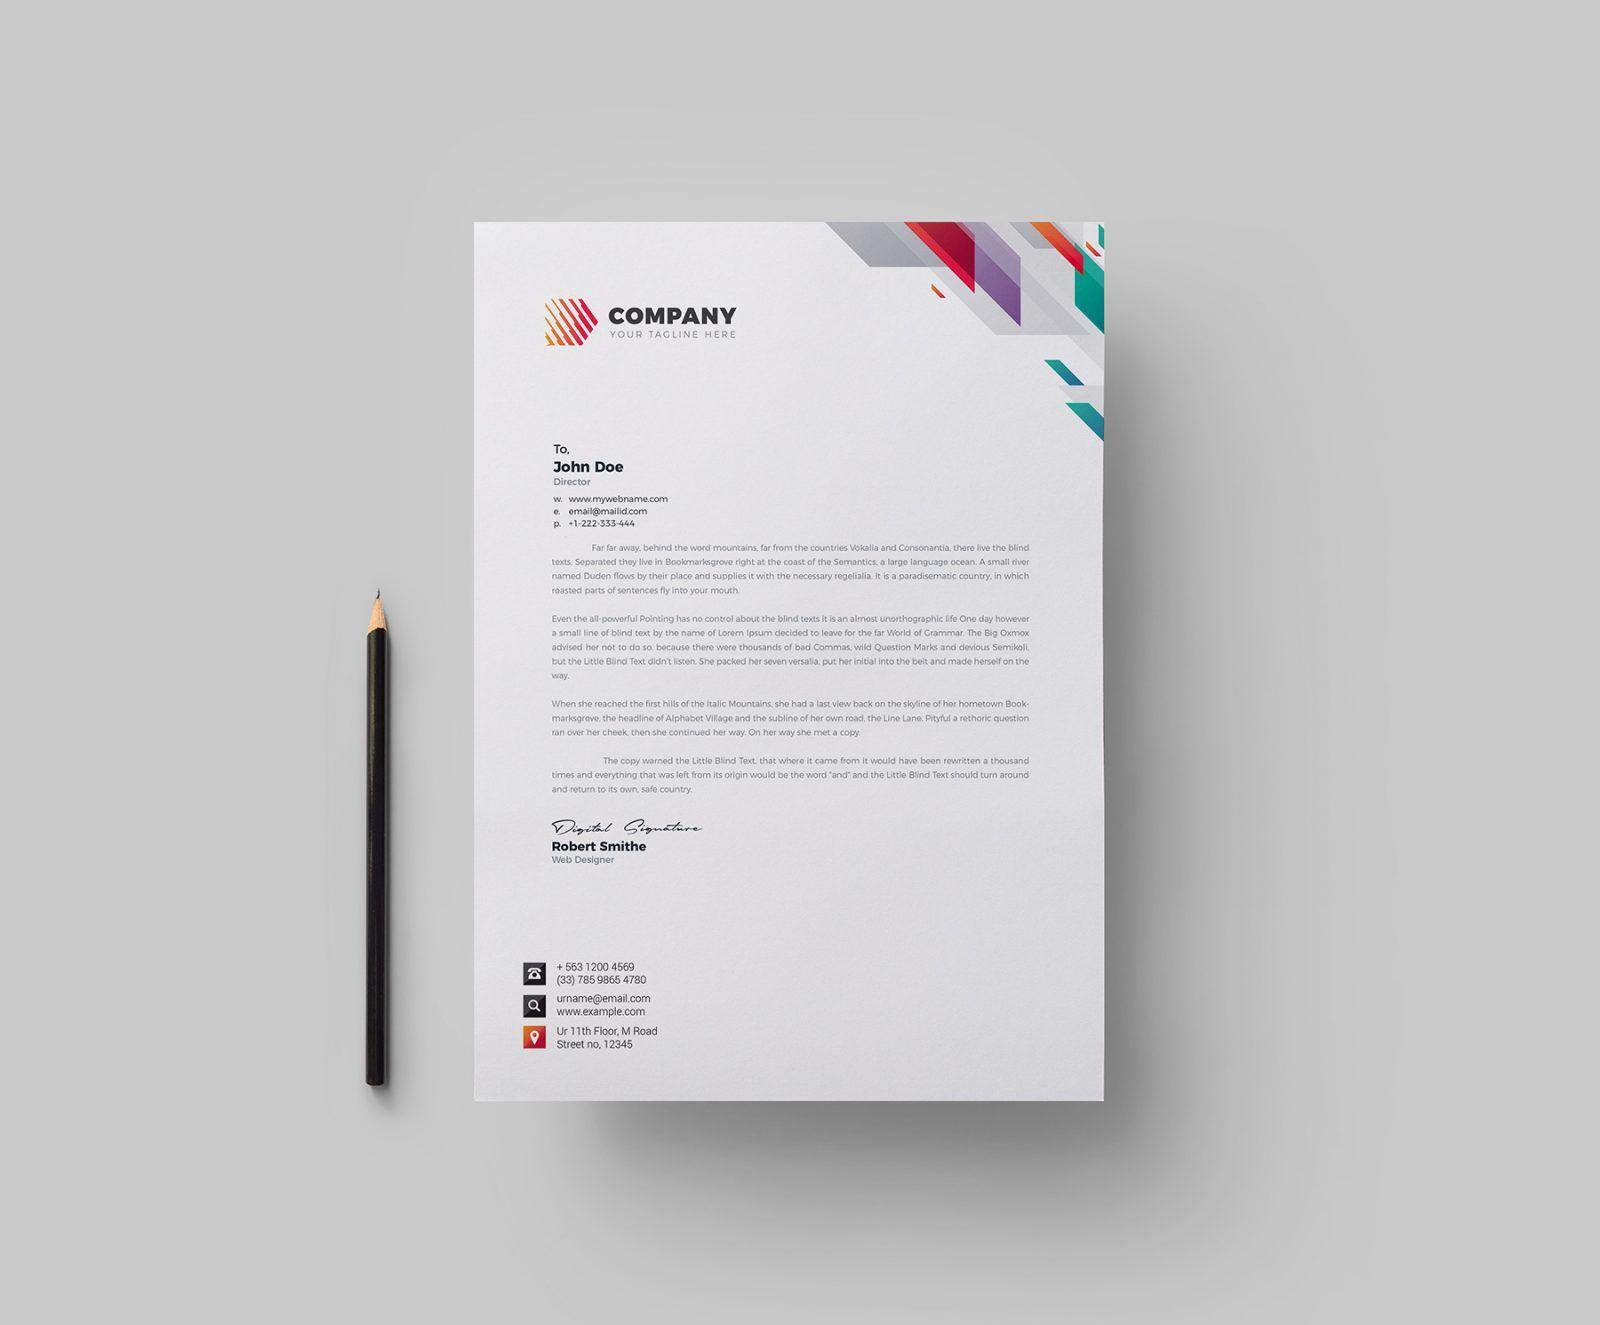 Vivid Corporate Letterhead Design Template 002166